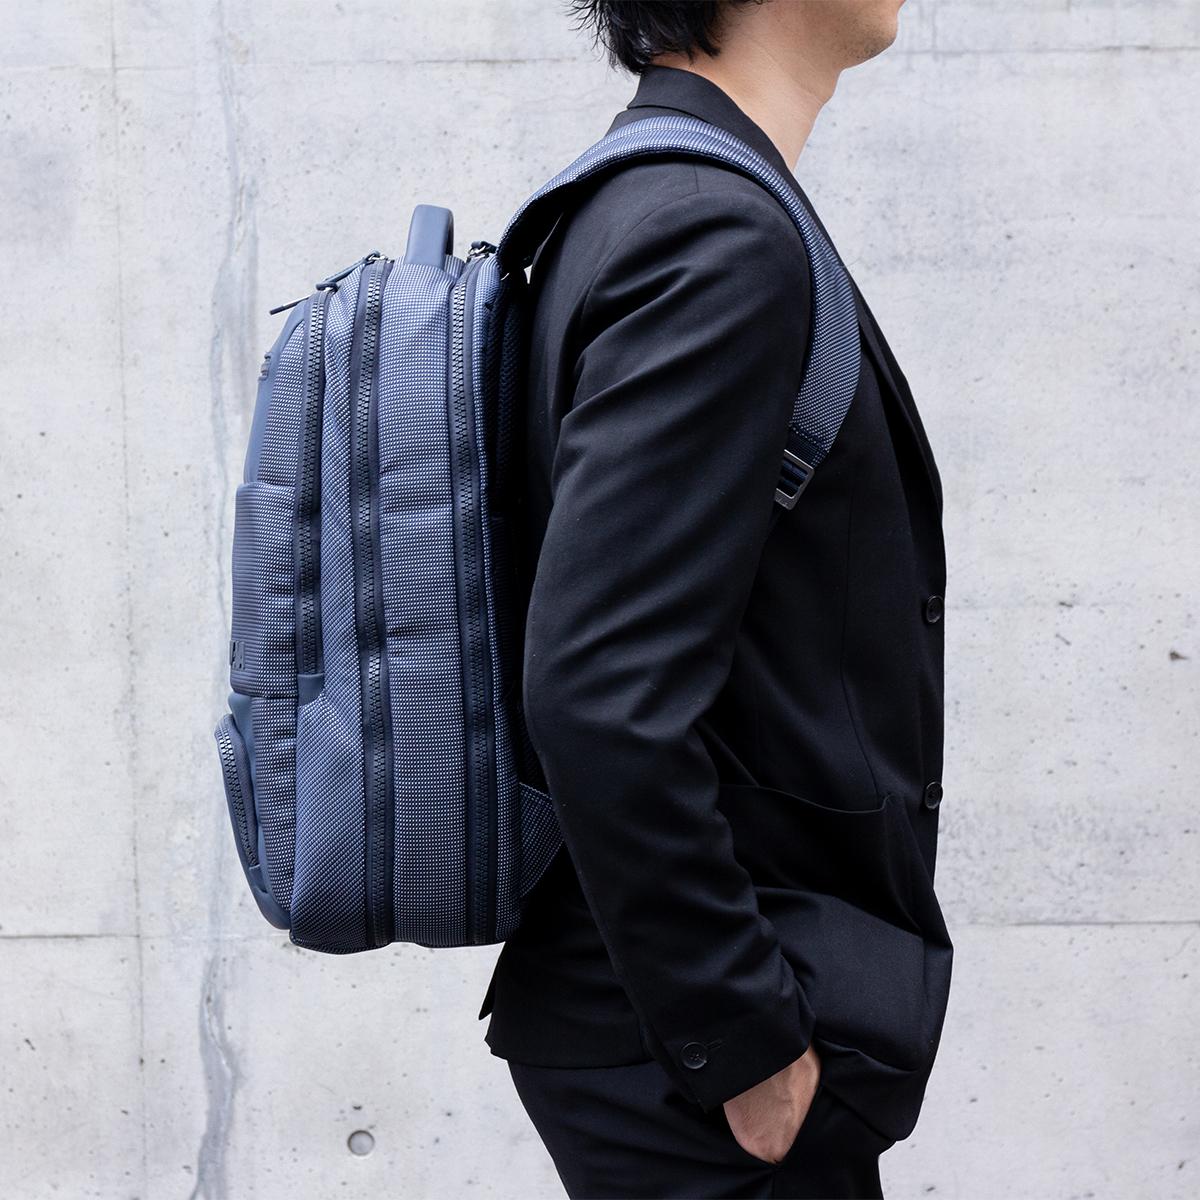 ジャケットやビジネスカジュアル、休日スタイルのファッションに合うバックパック|NAVA